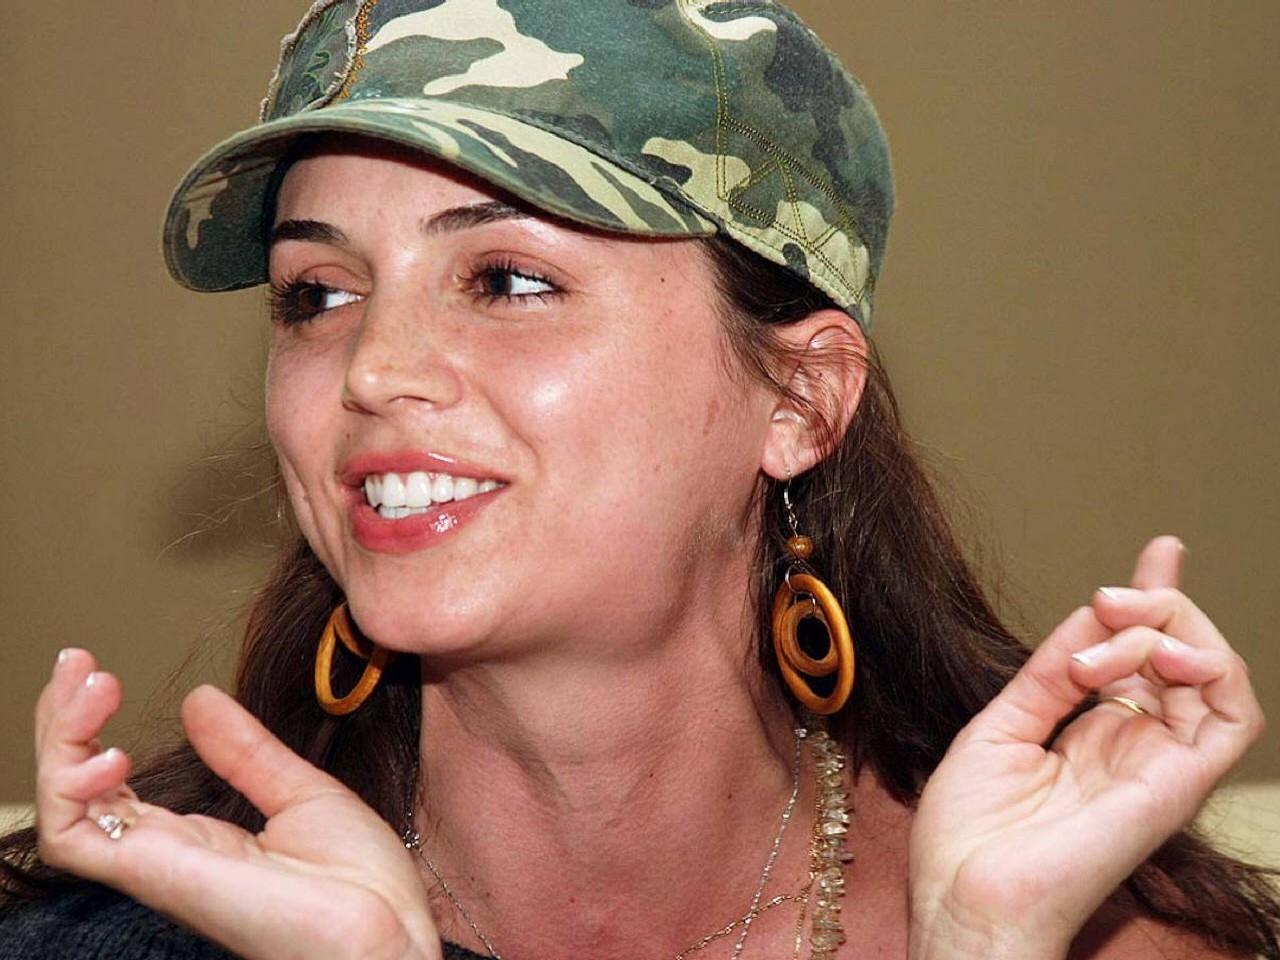 Wallpaper di Eliza Dushku con cappellino mimetico